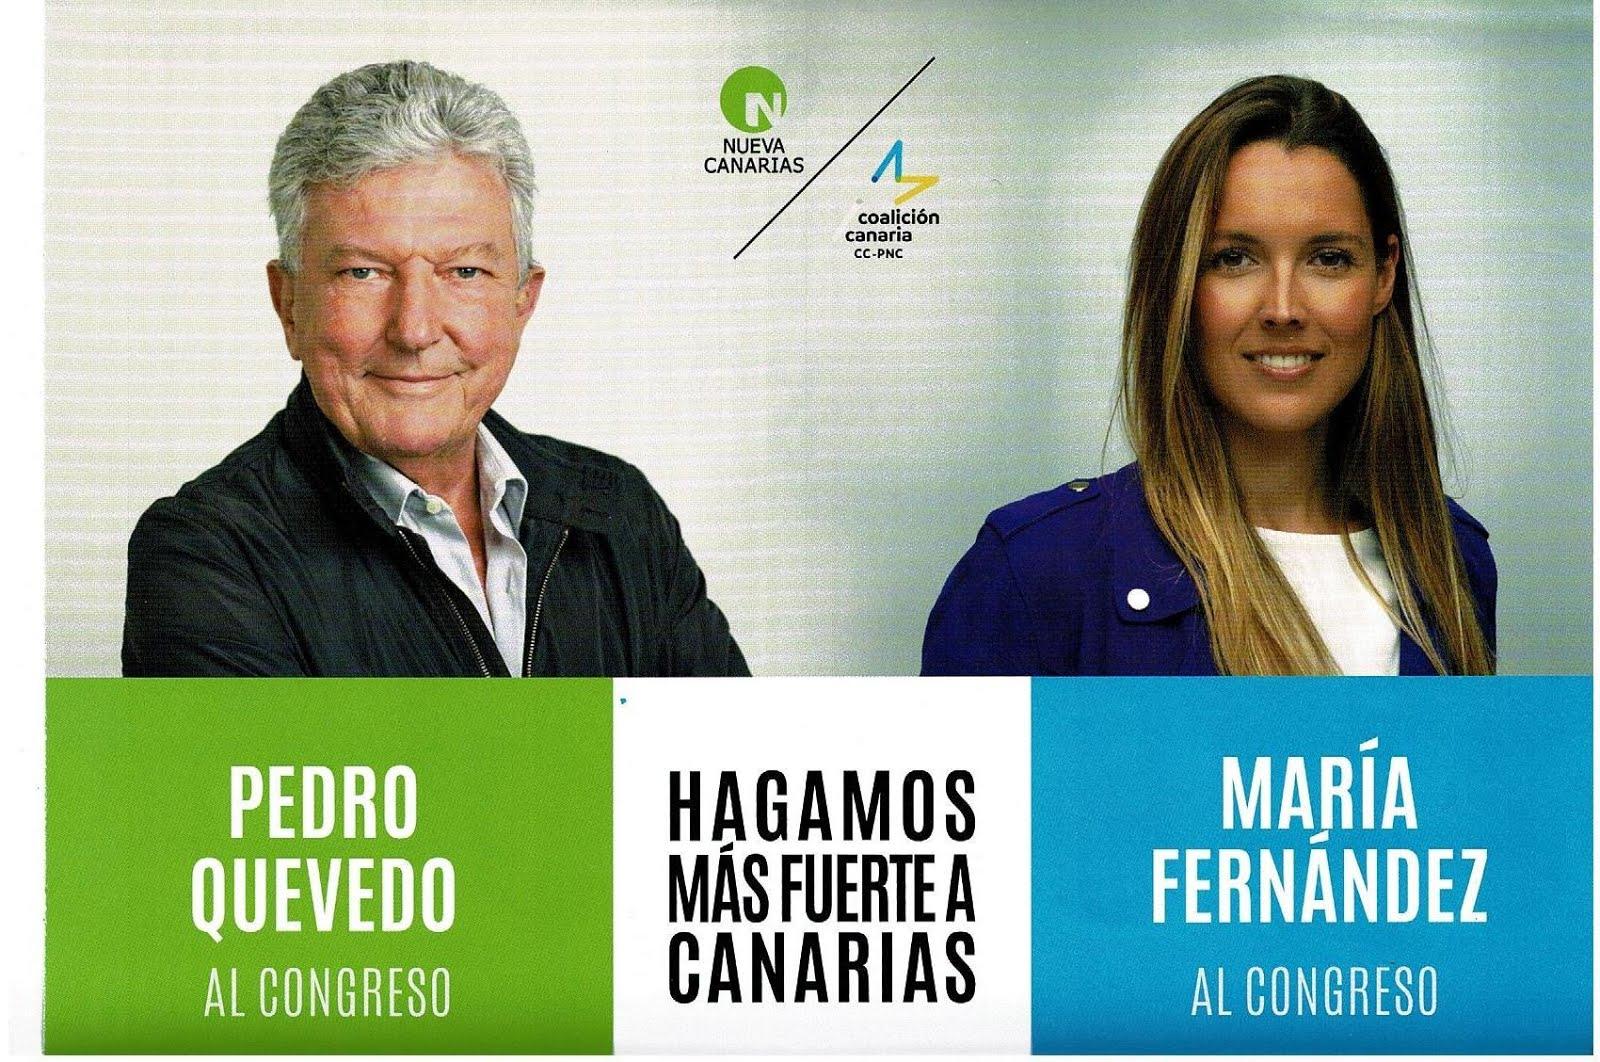 Pedro Quevedo Iturbe de Nueva Canarias será Diputado Canario en la próxima legislatura del Congreso